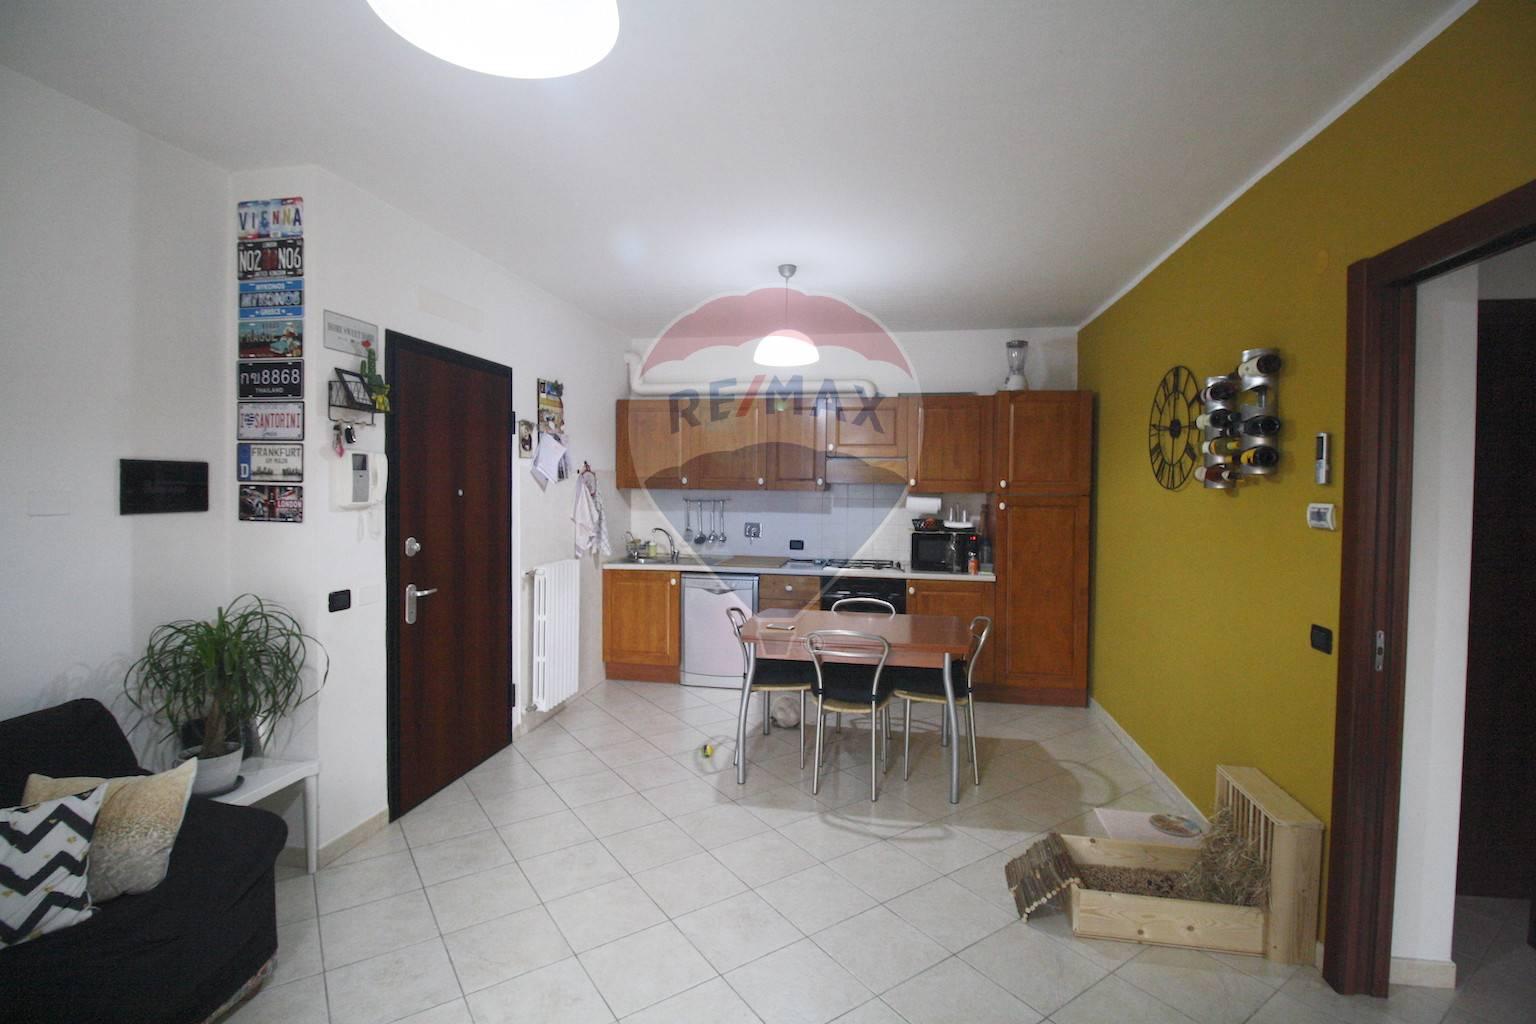 Appartamento in vendita a Sant'Ilario d'Enza, 3 locali, prezzo € 135.000 | CambioCasa.it